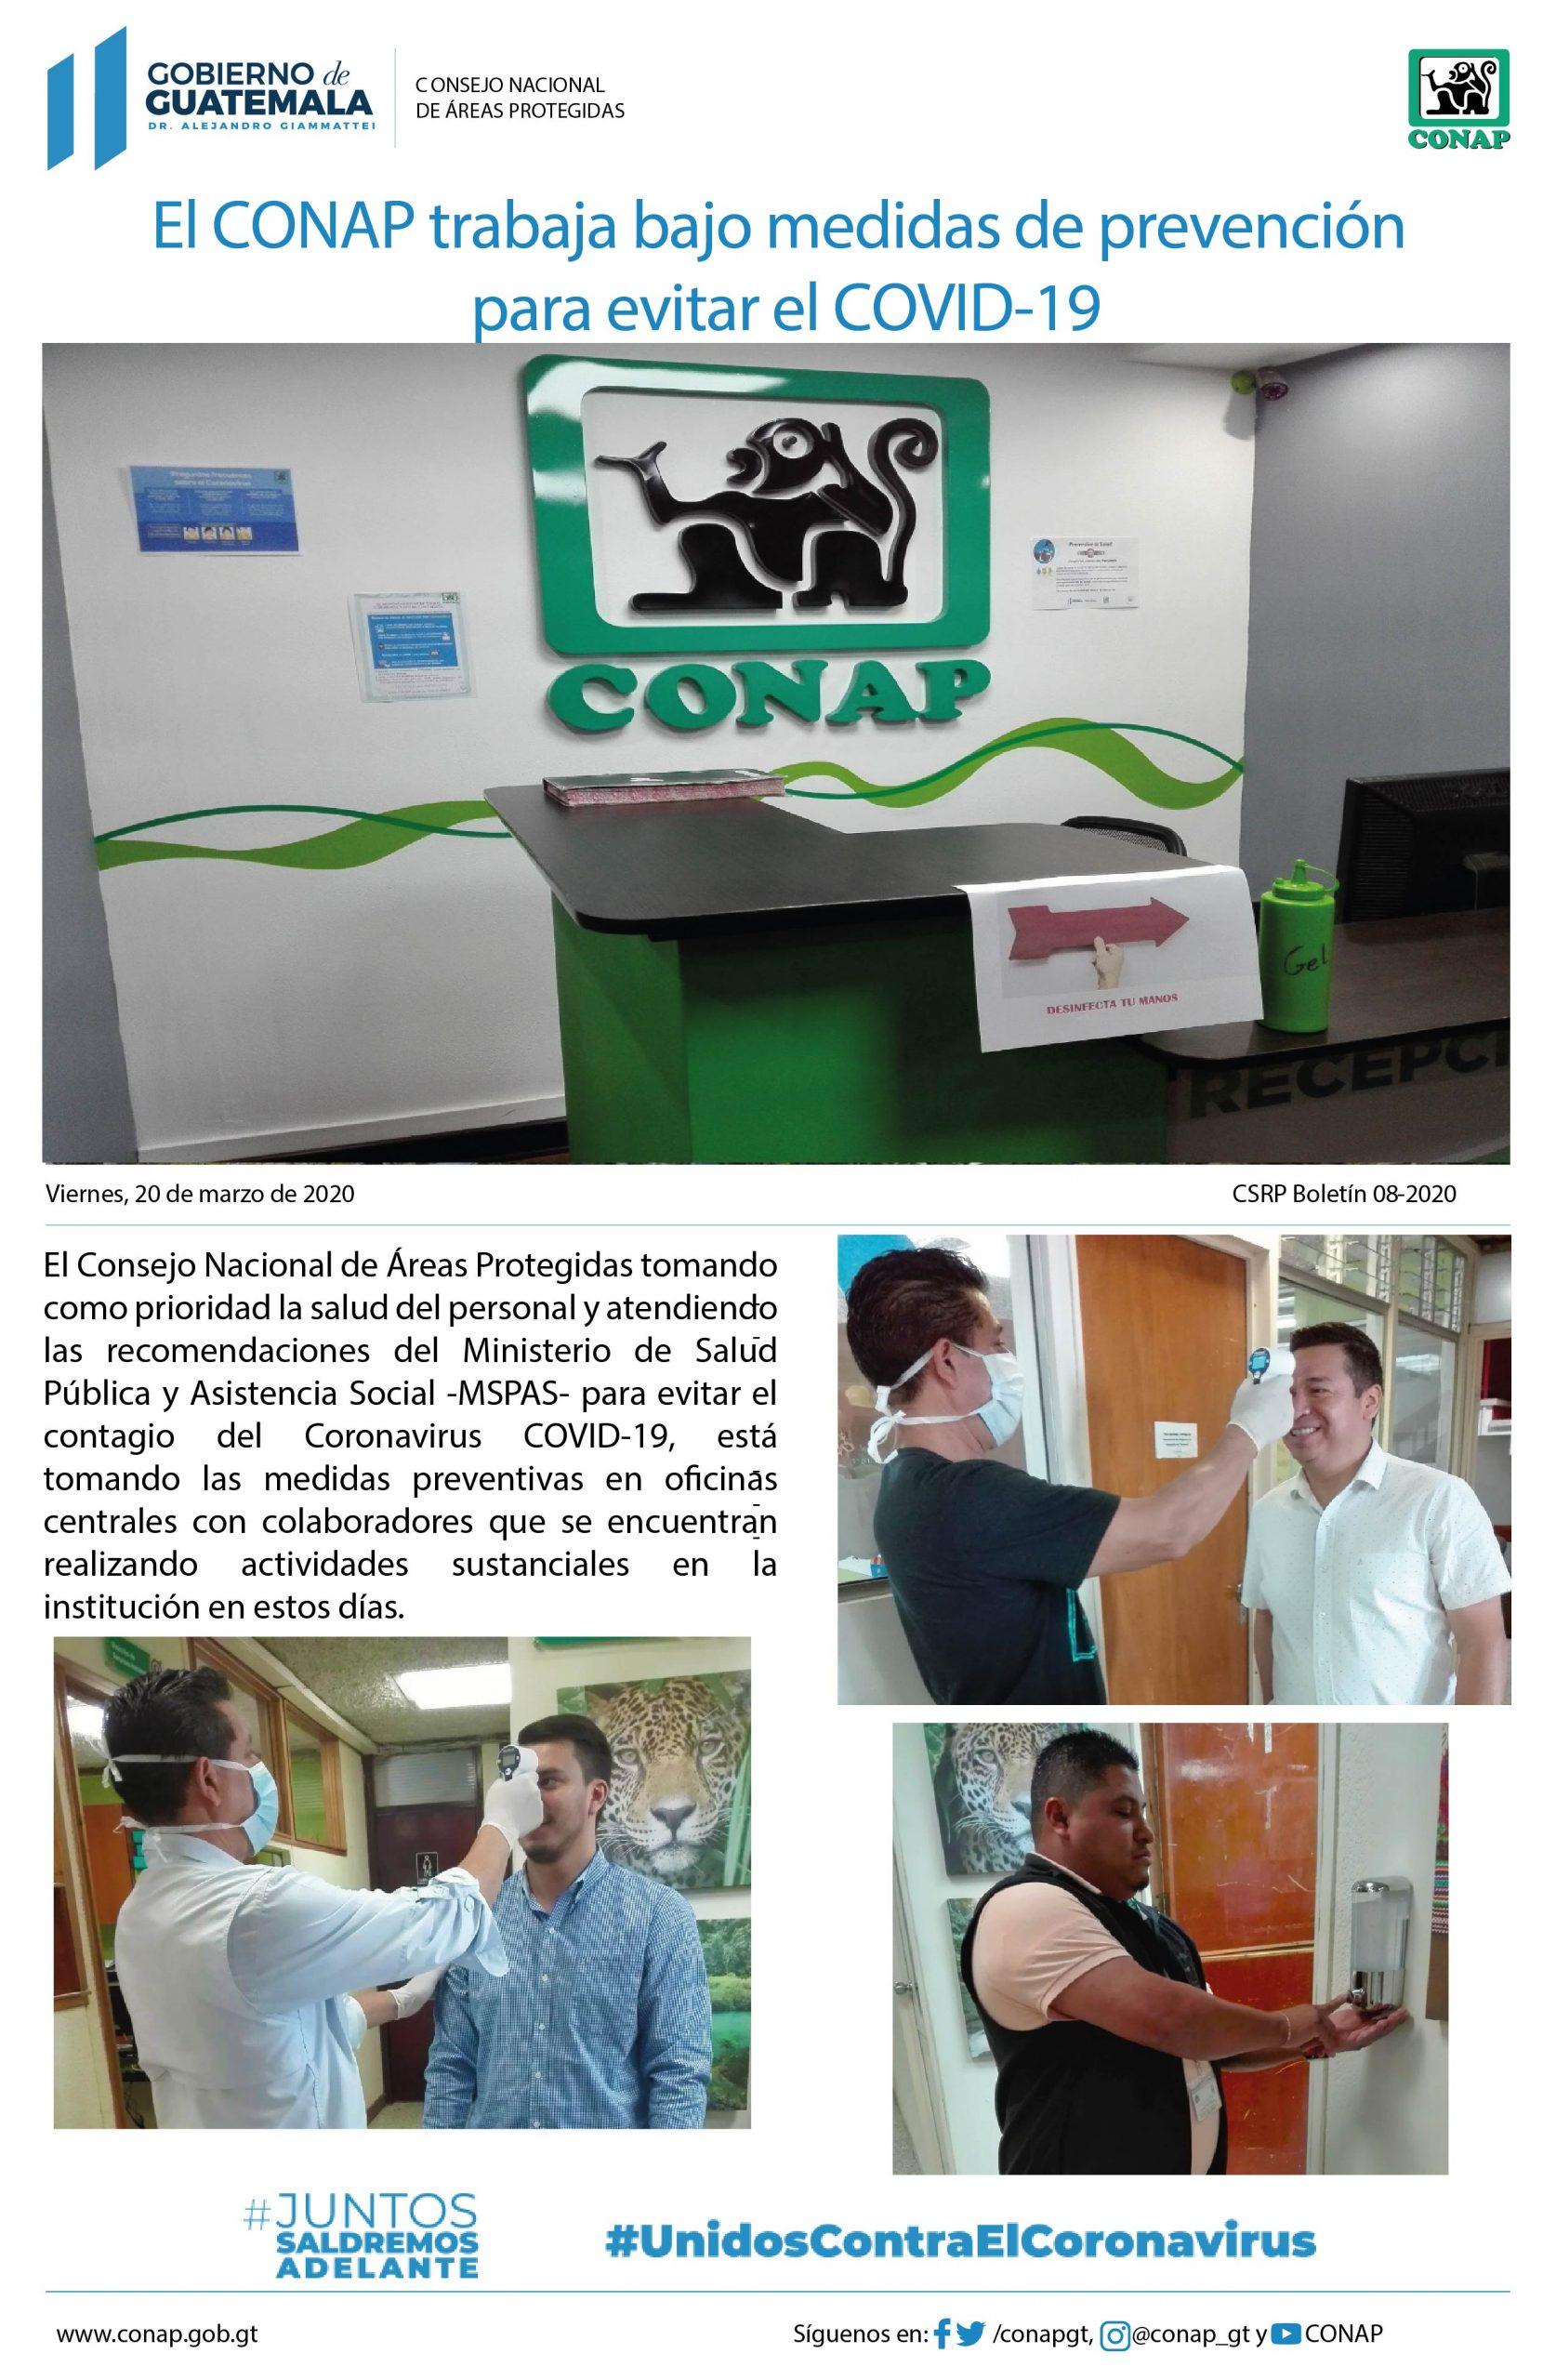 El CONAP trabaja bajo medidas de prevención  para evitar el COVID-19